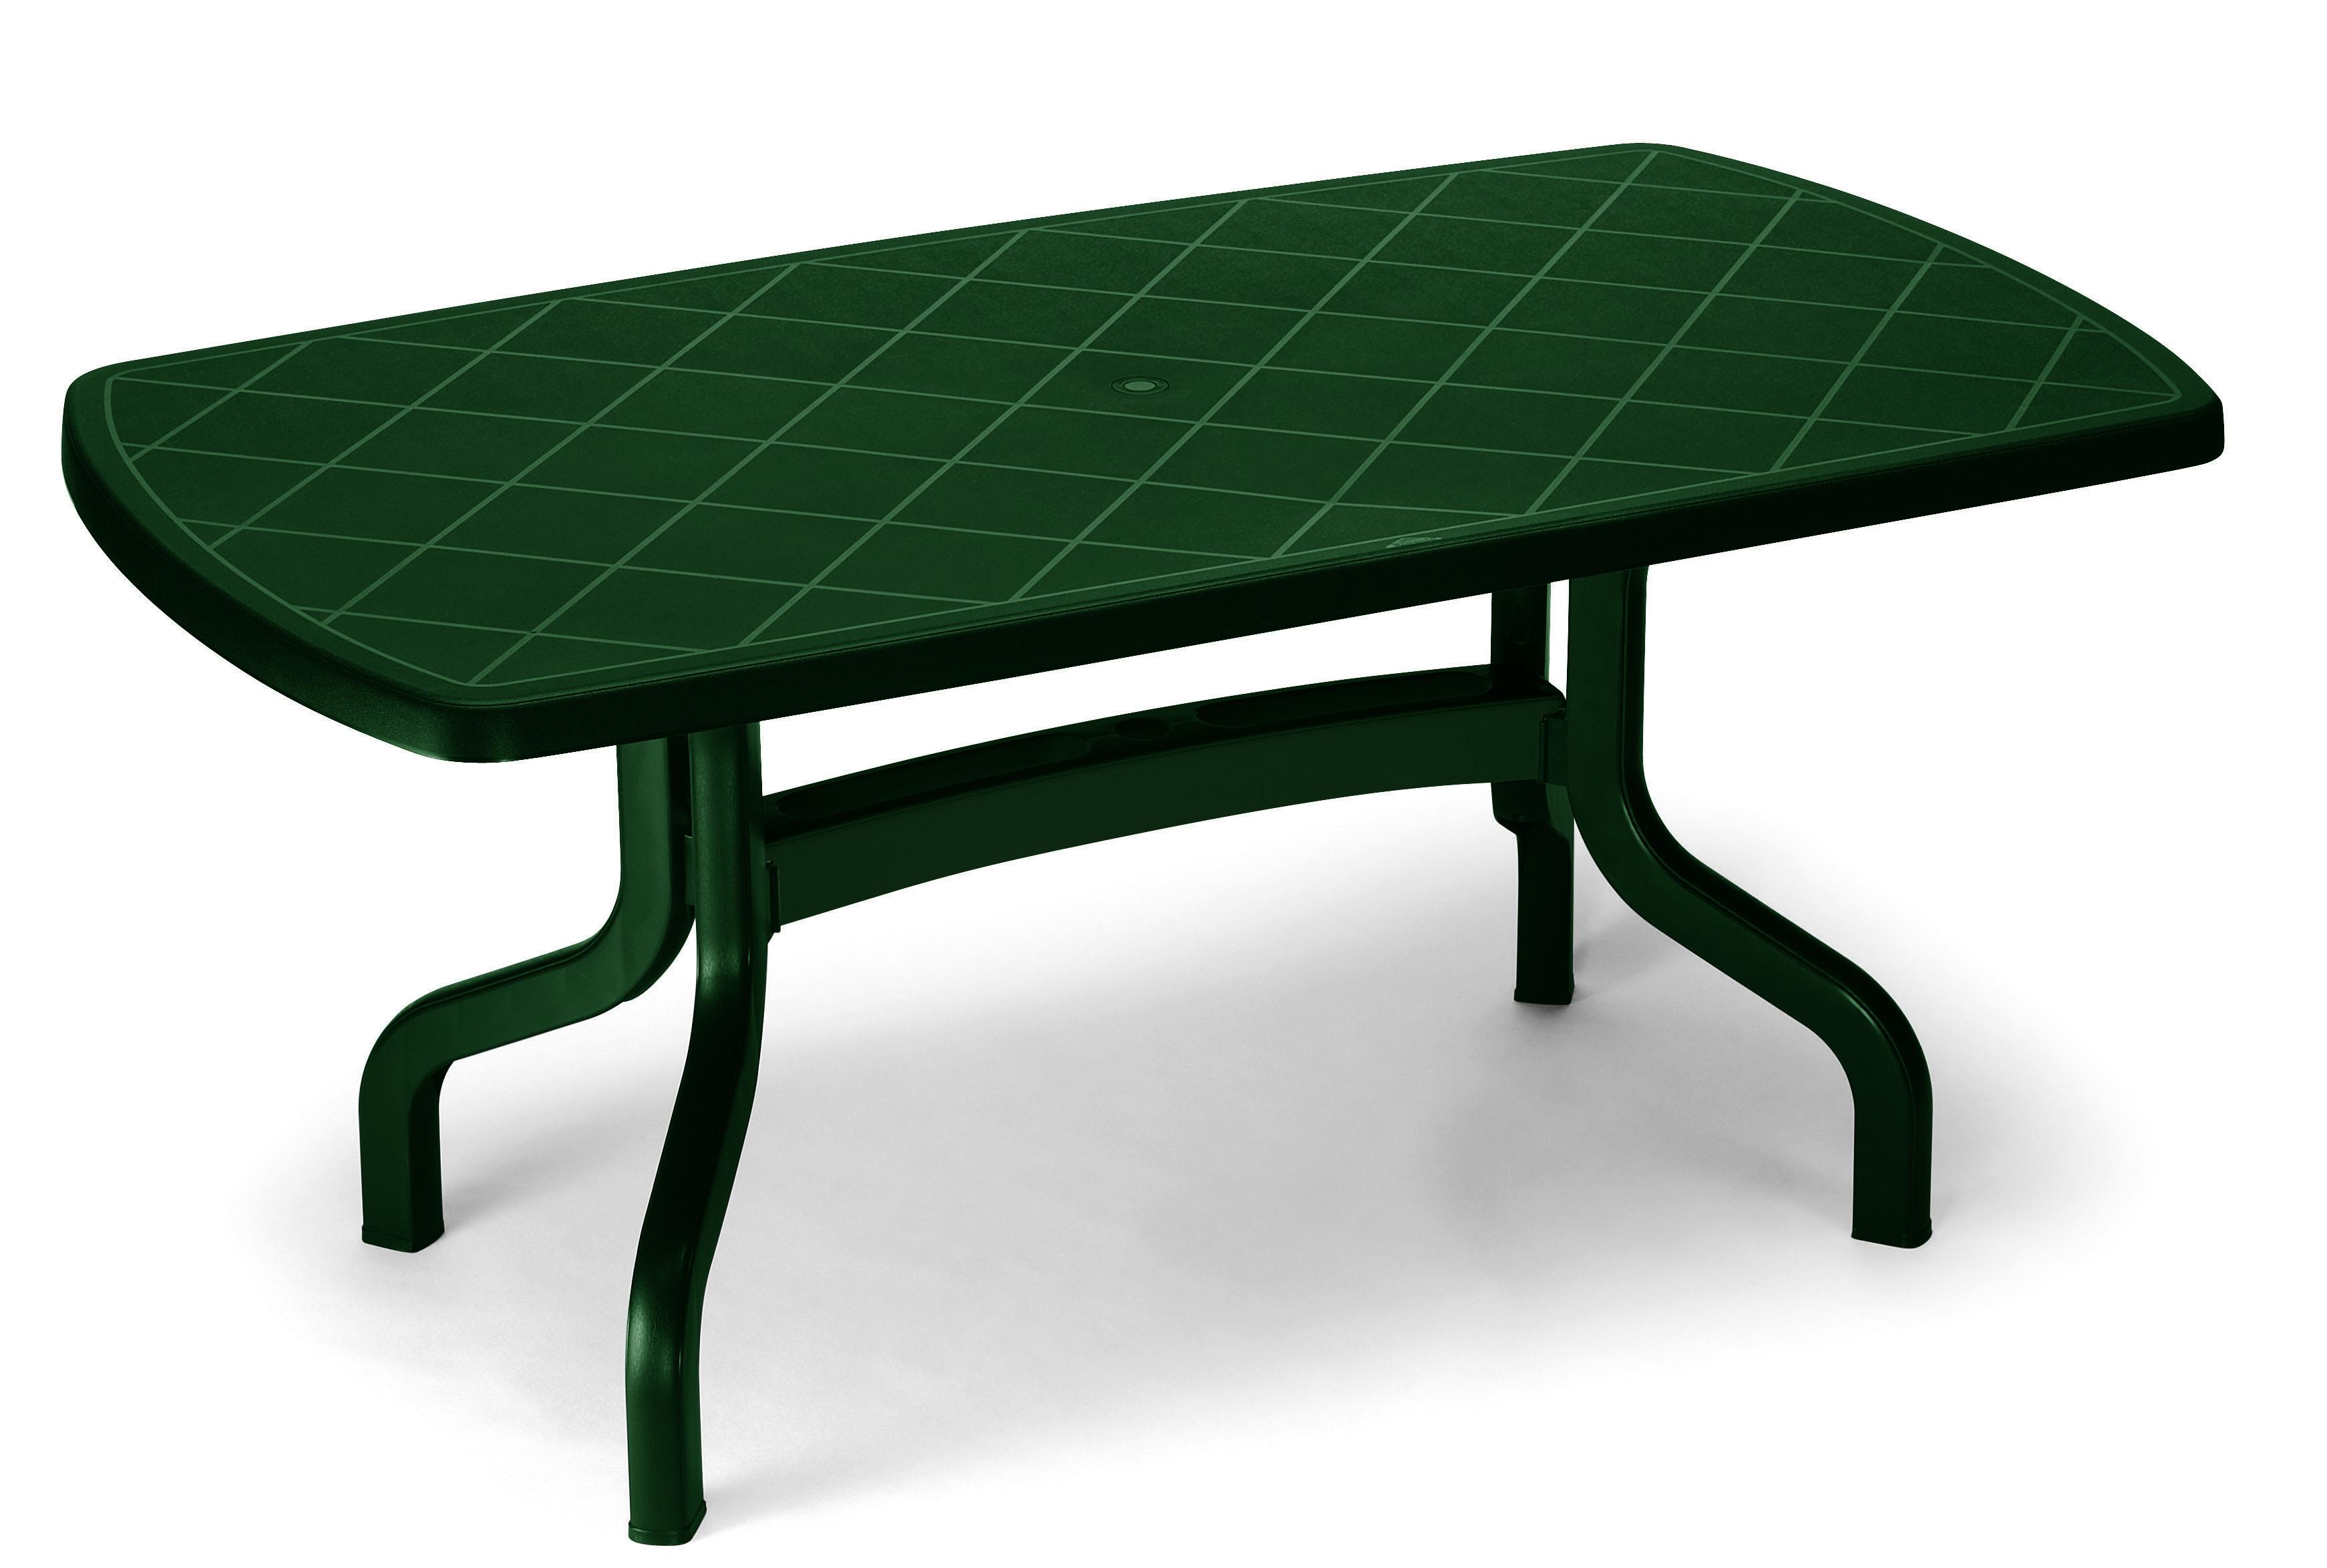 tavolo da giardino ribalto 160 x 90 contract in resina by